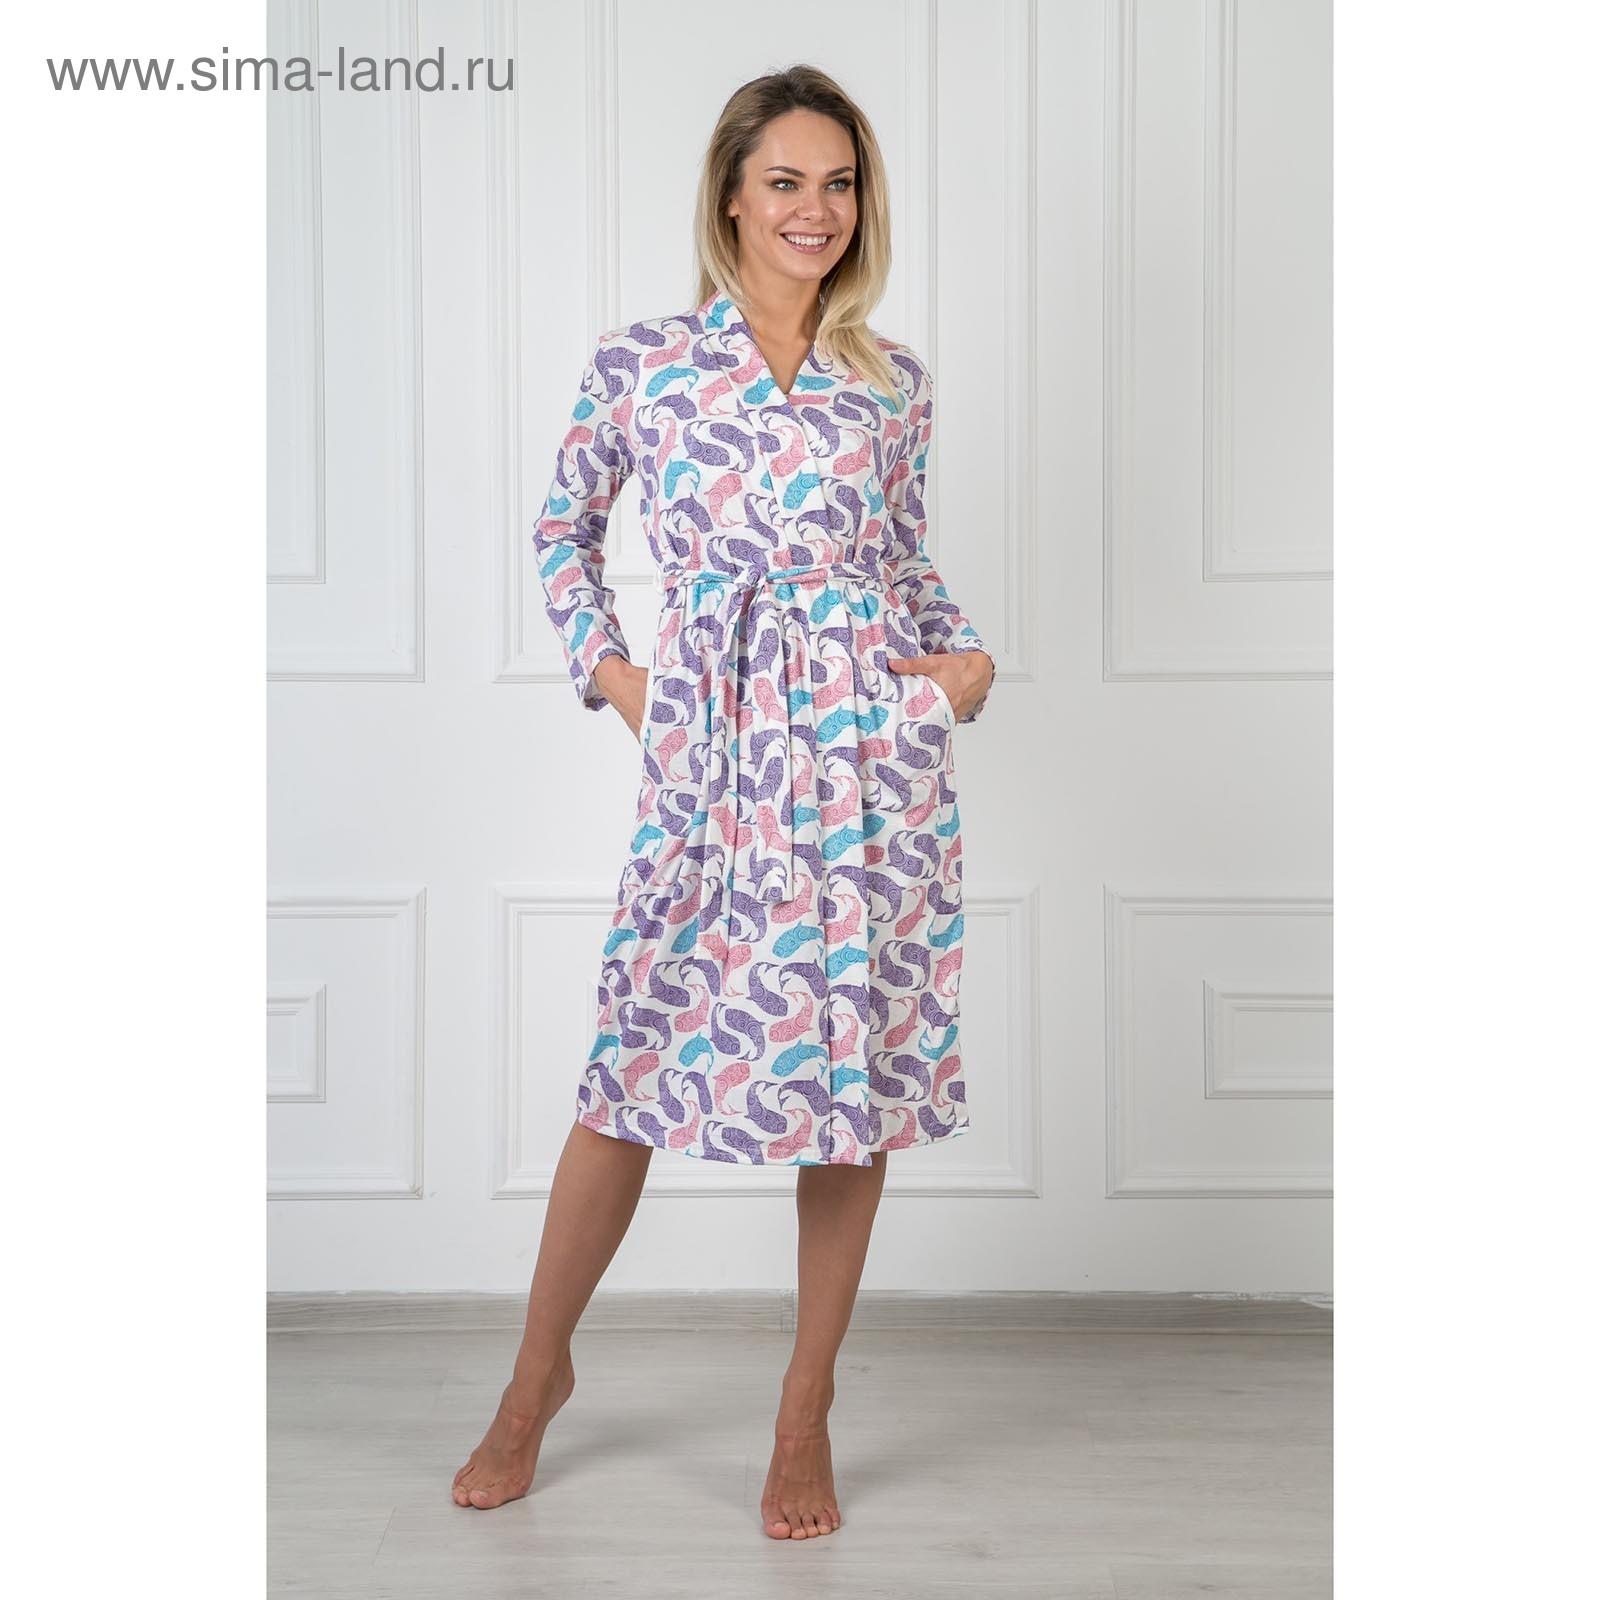 f2b750d2f7636 Халат женский запашной Ариэль цвет розовый, размер 54 (325) - Купить ...